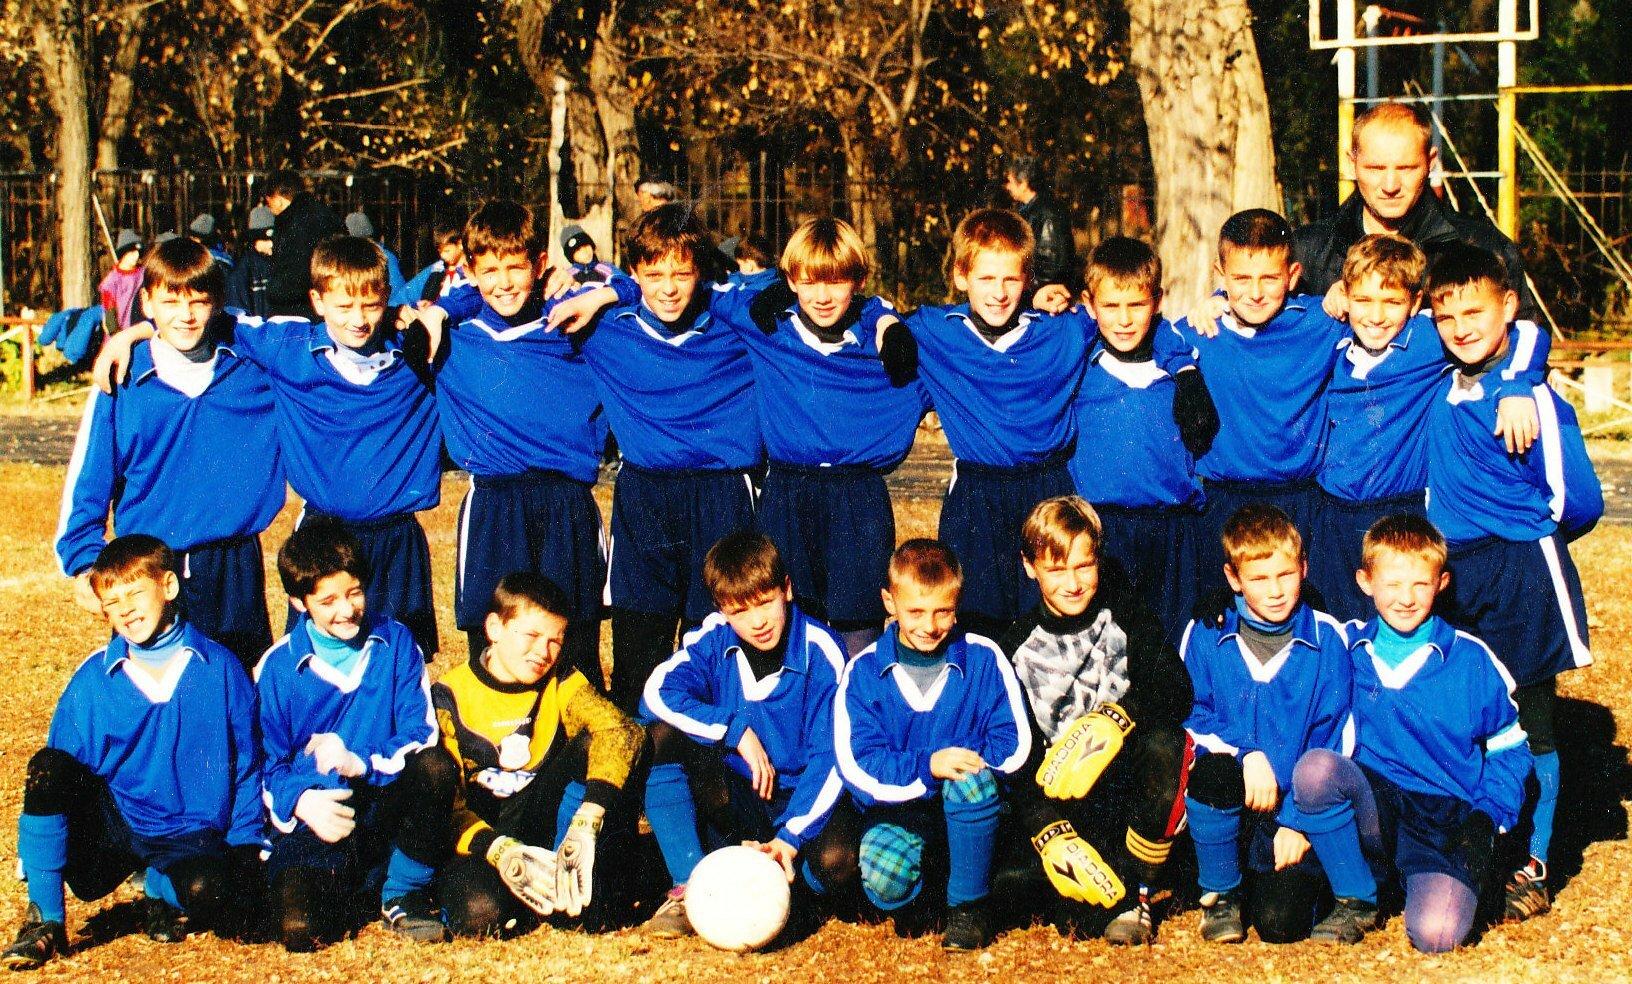 Такими мы были 2001 год. Четвертый снизу слева на право Коноплянка Евгений, Загальский Игорь, Березовский Игорь.